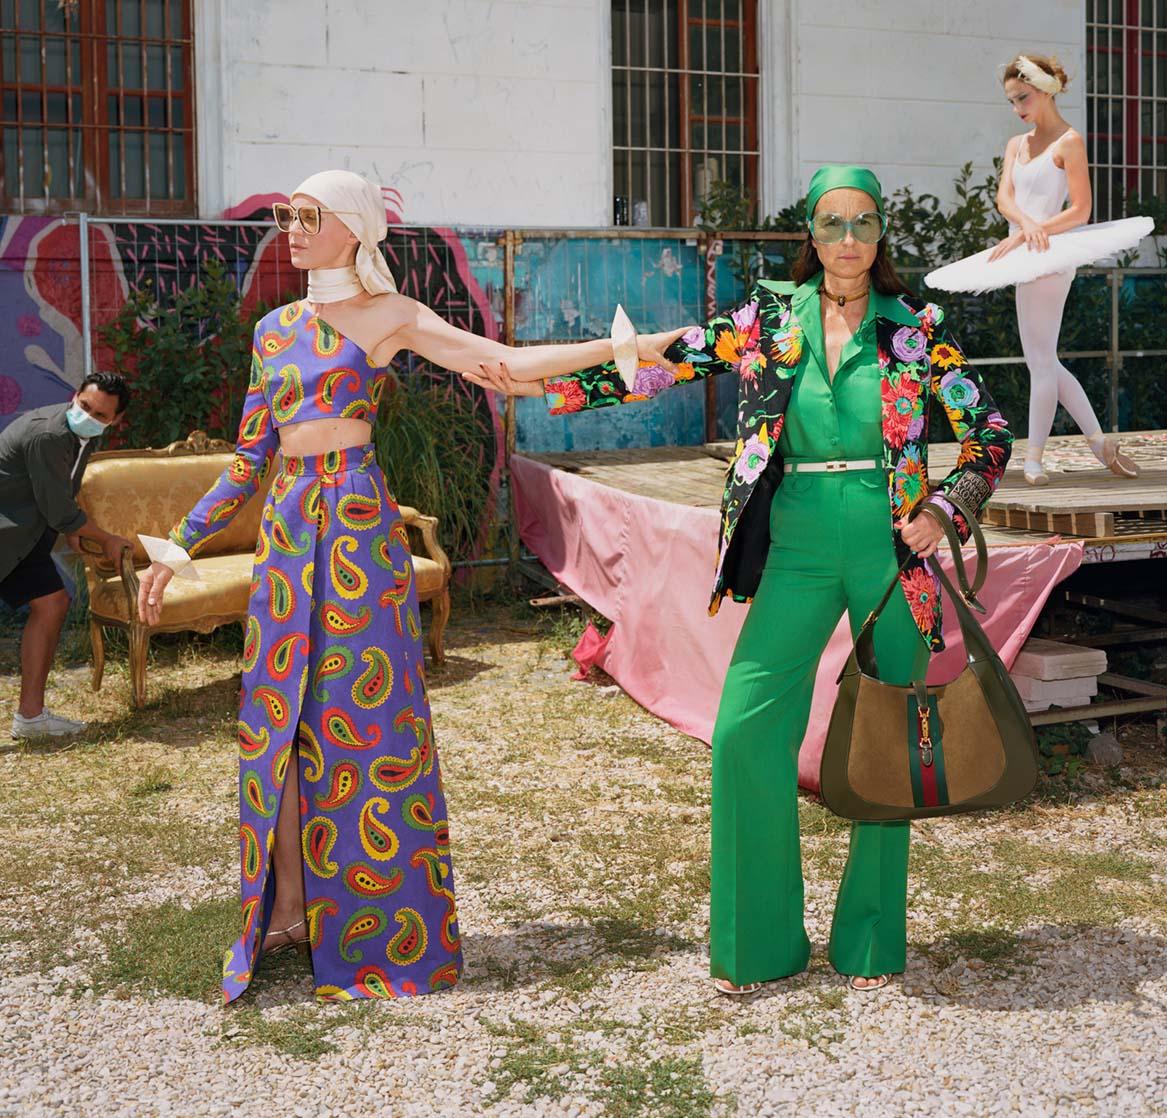 Campaign BST Epilogue của Gucci hai cô gái cùng trang phục họa tiết màu sắc